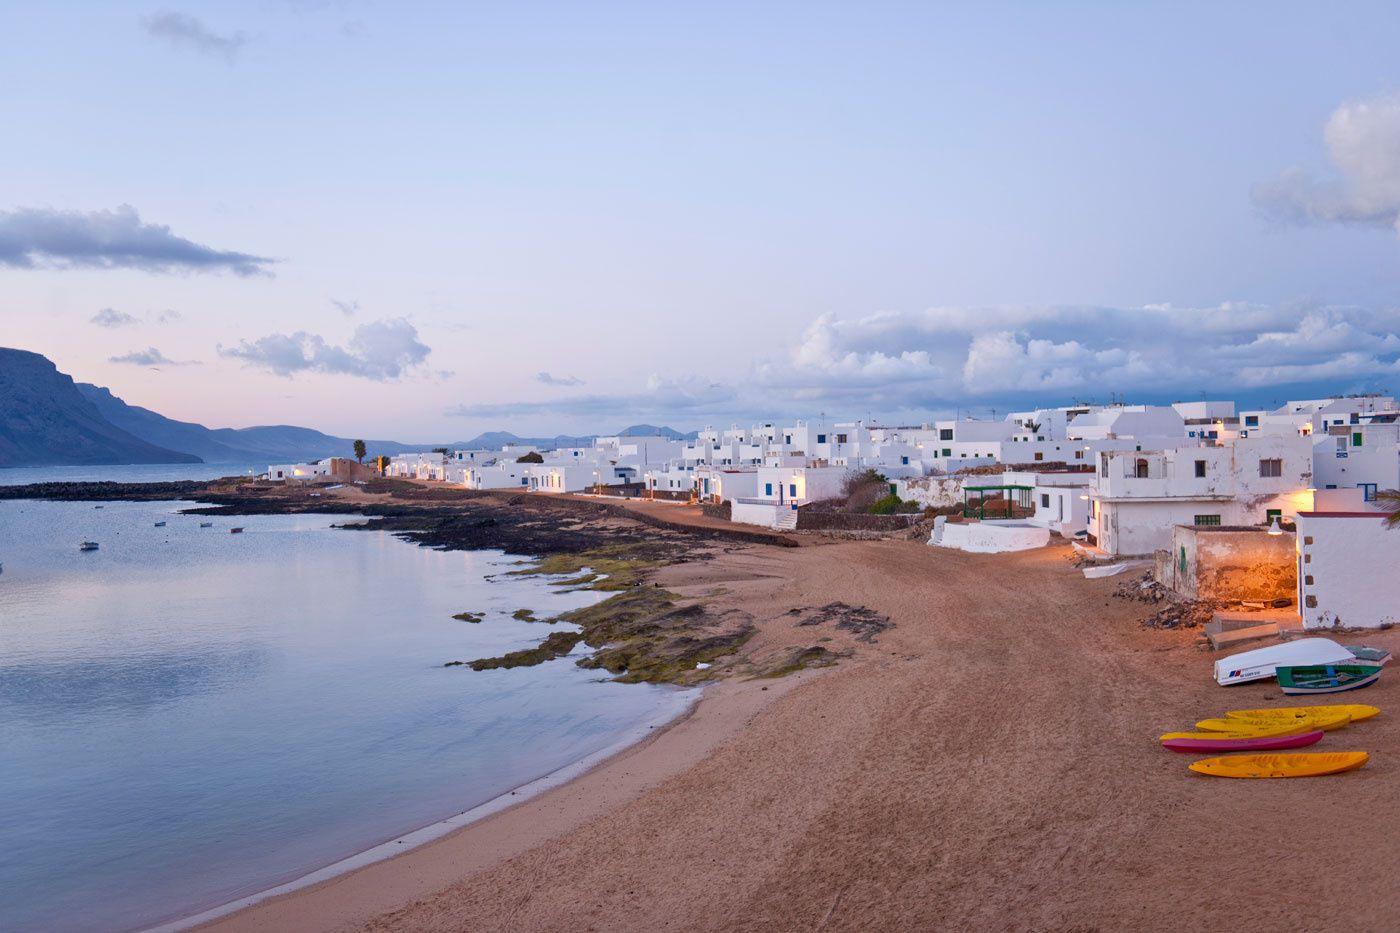 Ashotel pide las competencias en costas para el Gobierno de Canarias